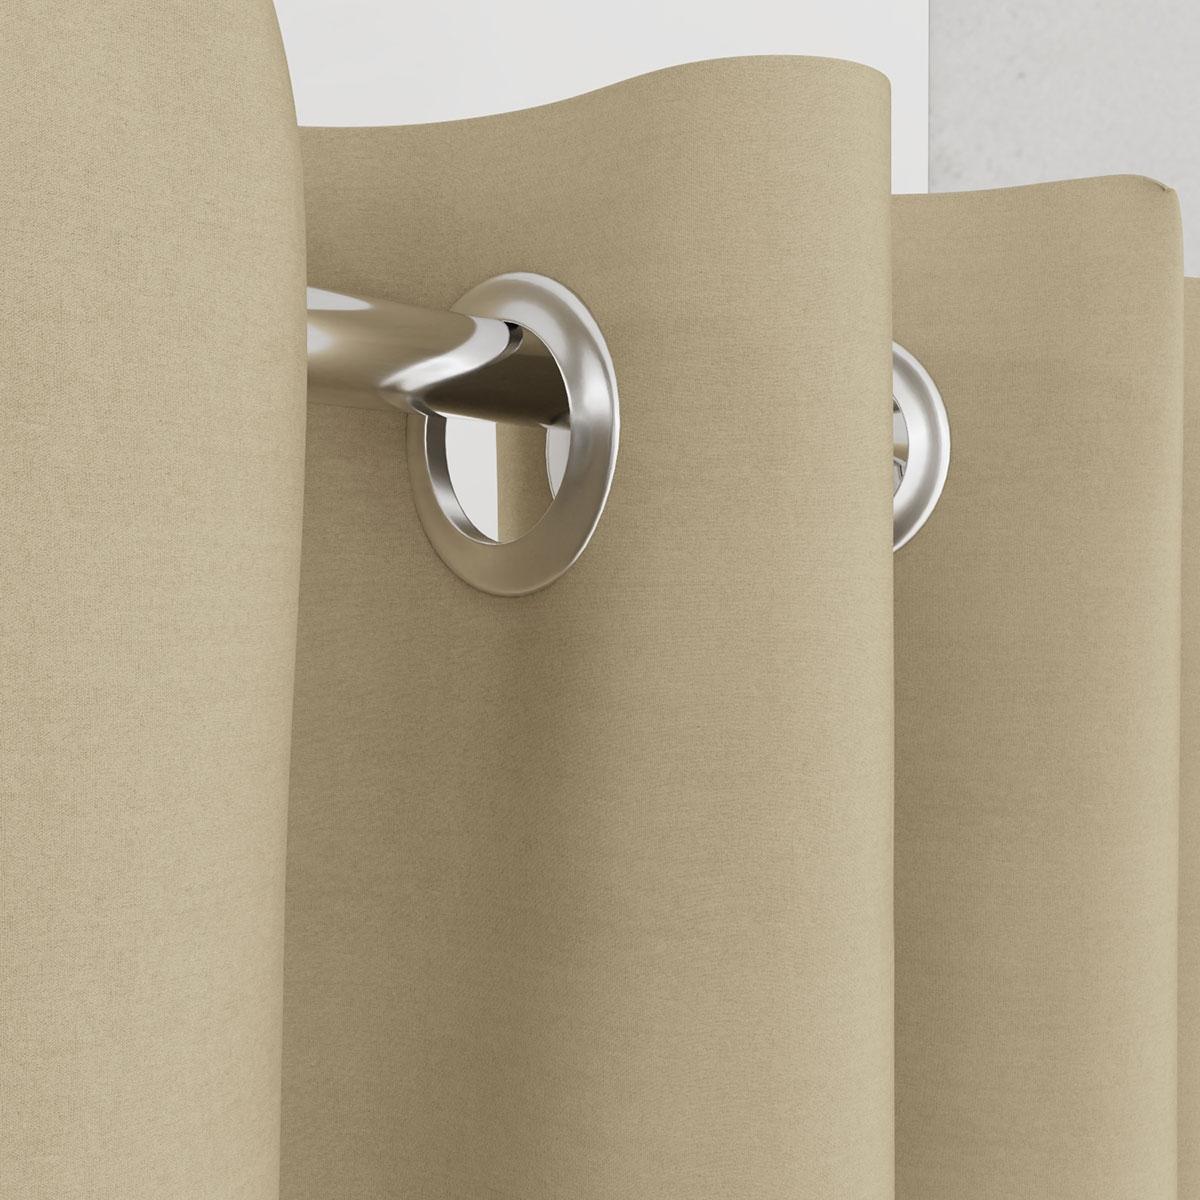 Vorhang beige für Umkleidekabine